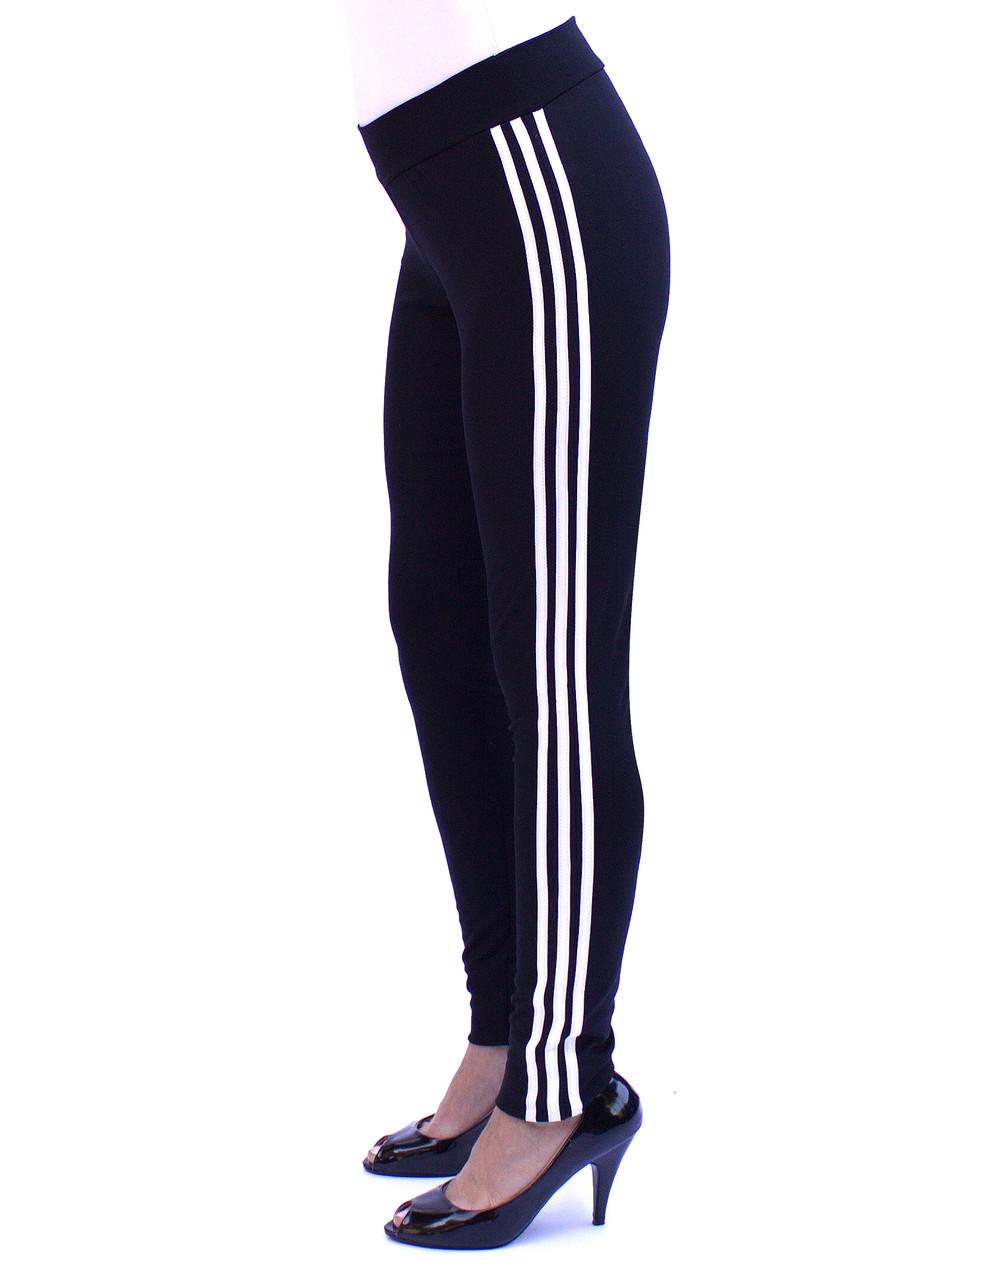 69c0b7803e8 Зауженные спортивные брюки женские больших размеров для полных ...